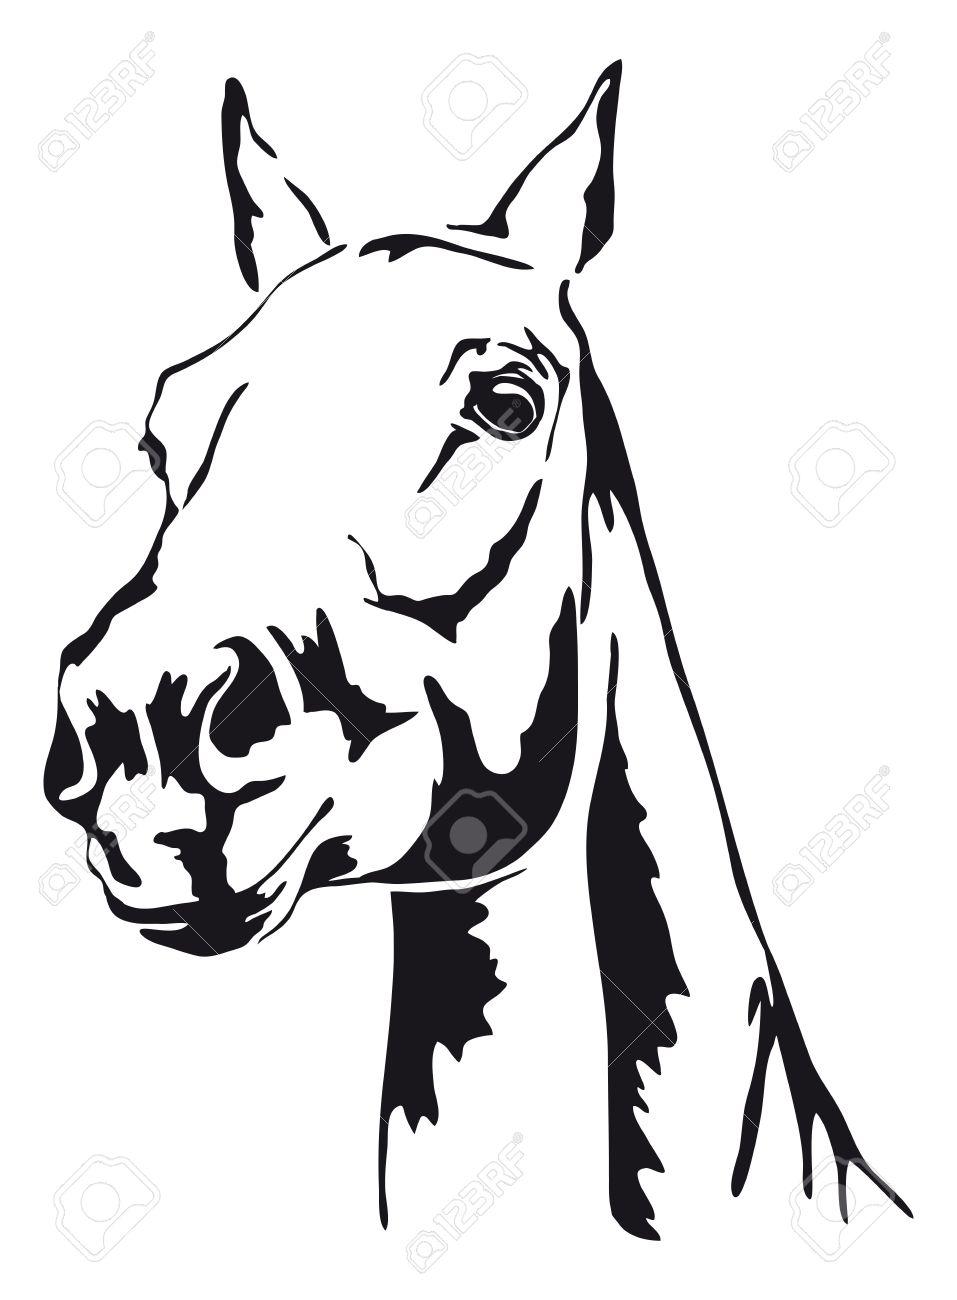 Schwarz Weiß Konturen Des Pferdes Lizenzfrei Nutzbare Vektorgrafiken